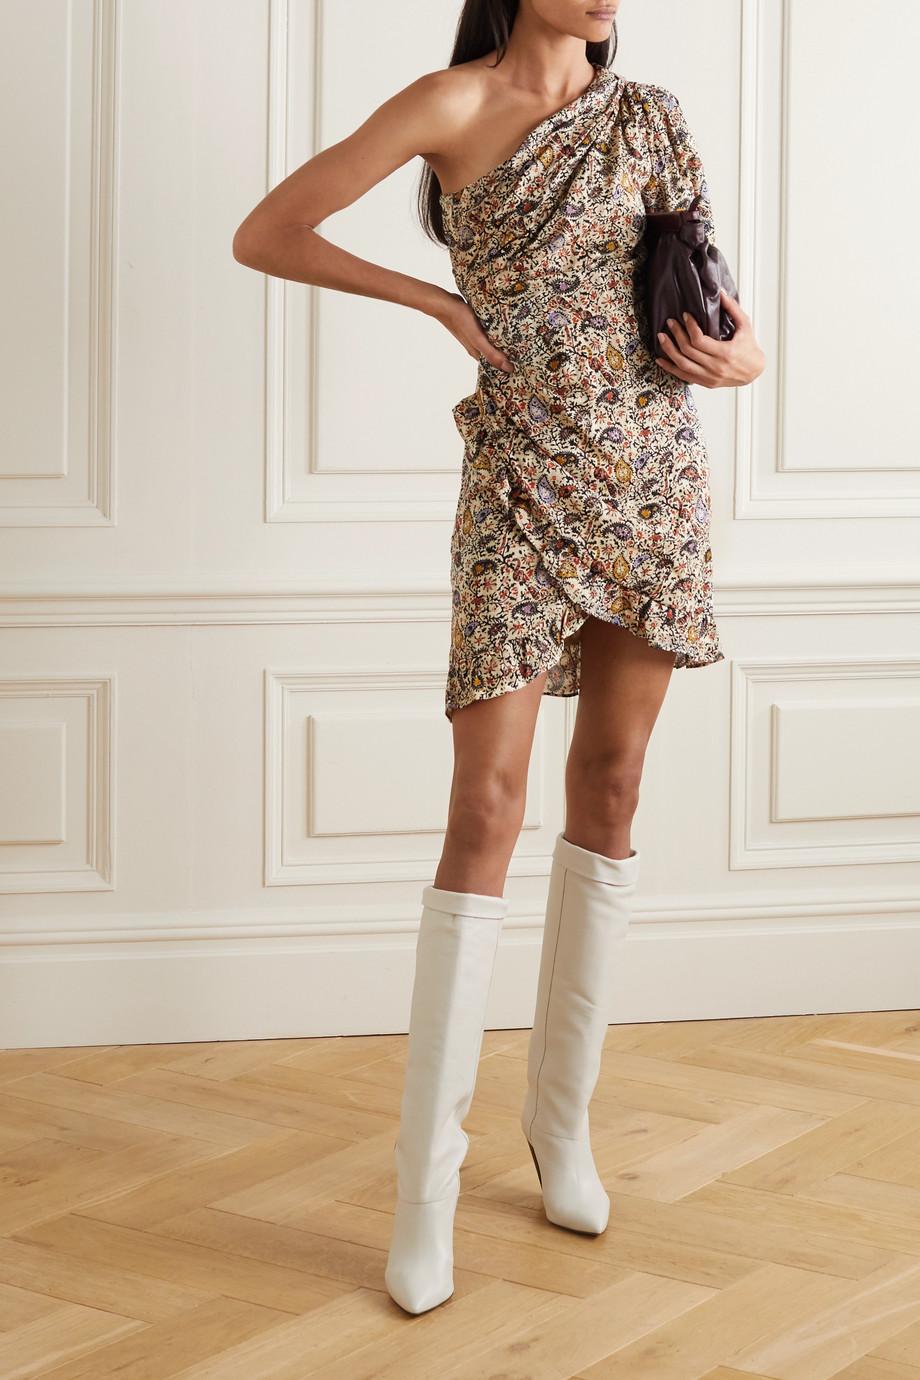 Isabel Marant Étoile Esthera Minikleid aus Baumwolle mit Paisley-Print, Wickeleffekt und asymmetrischer Schulterpartie